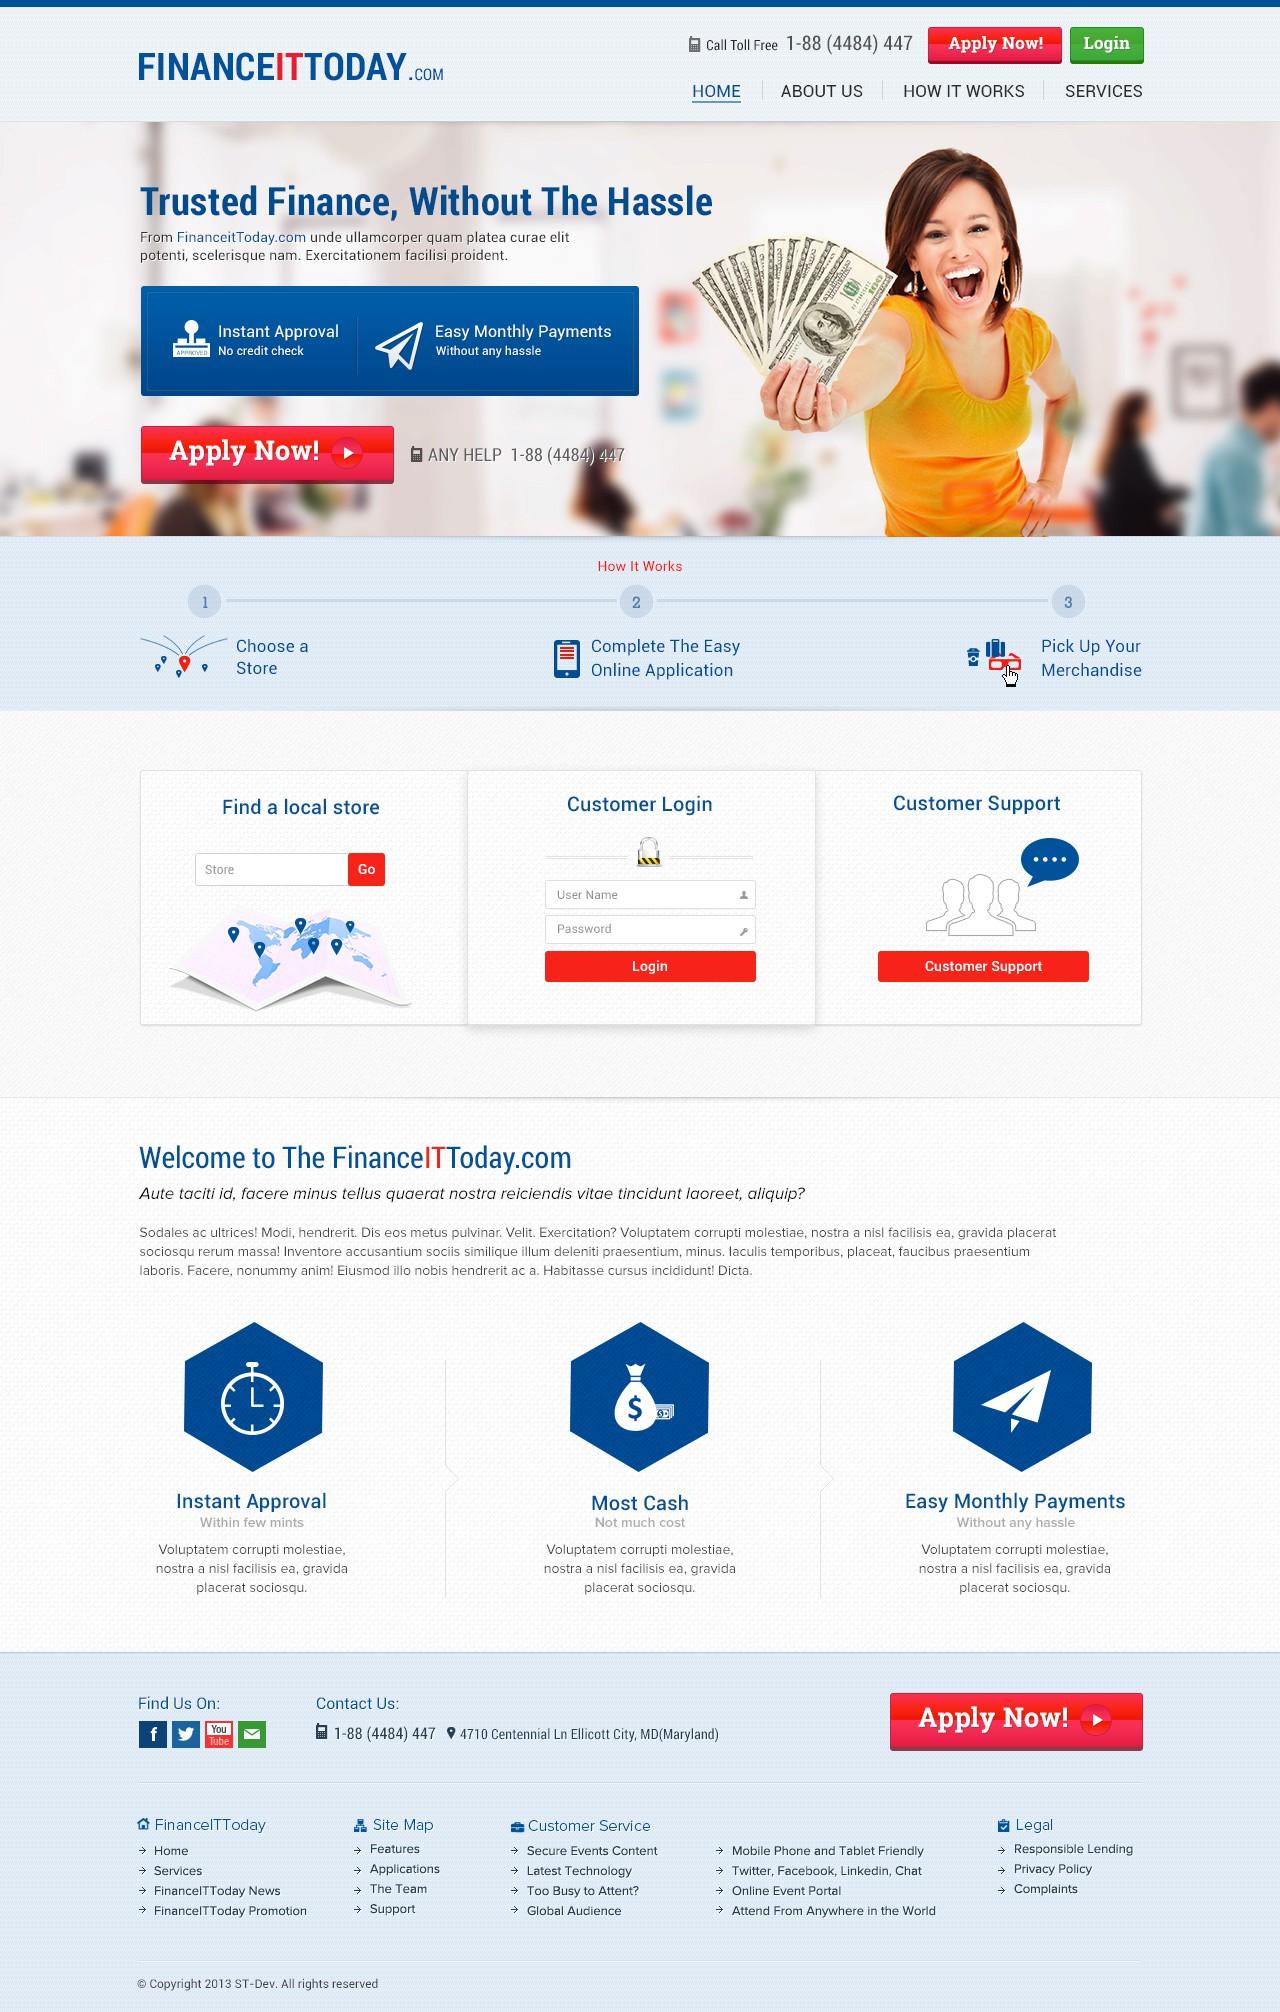 website design for FinanceItToday.com